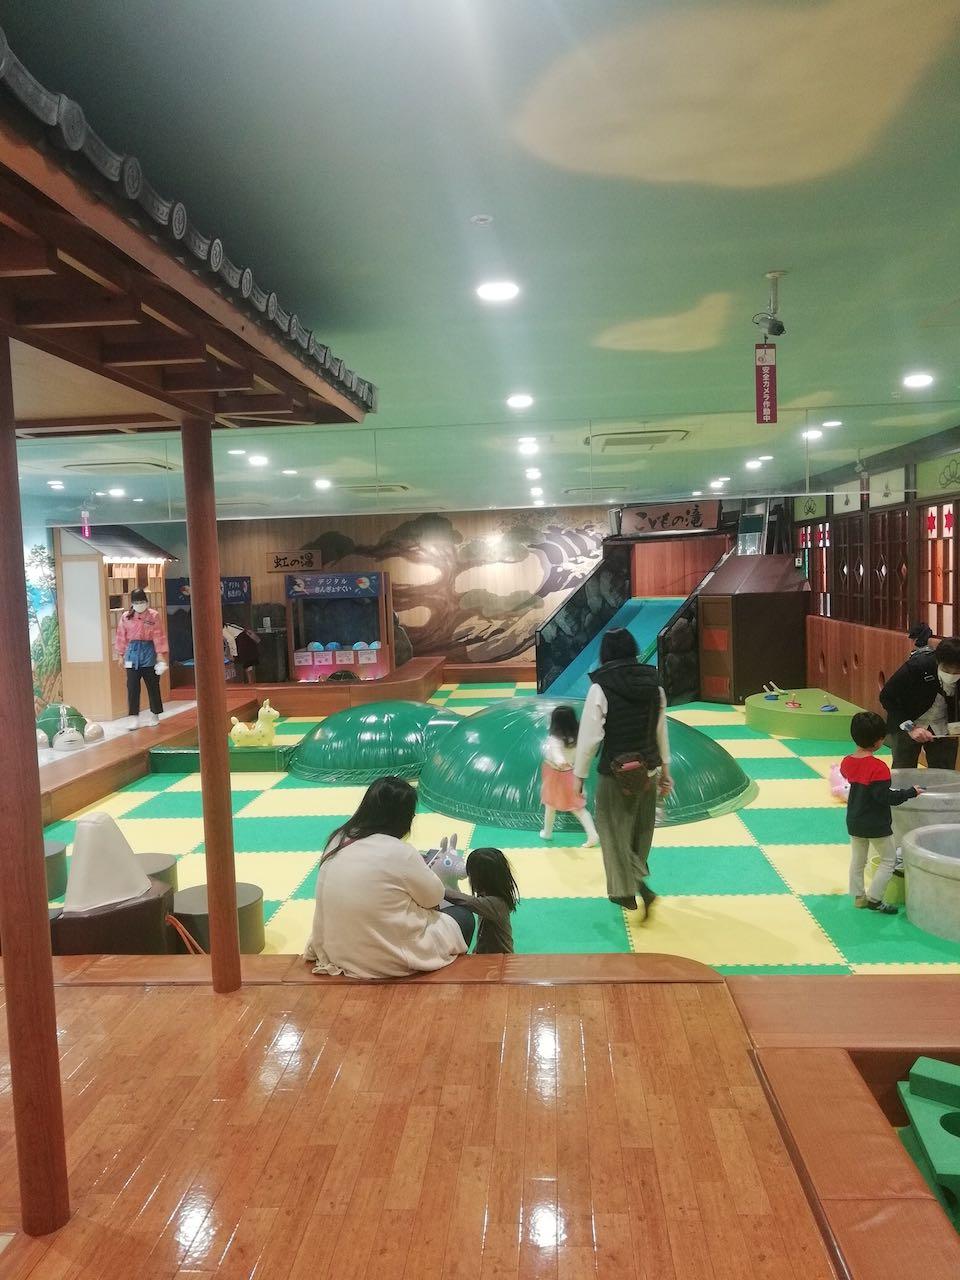 ボールプールが休止した東京スカイツリーのソラマチ「東京こども区 こどもの湯」に行ってきた